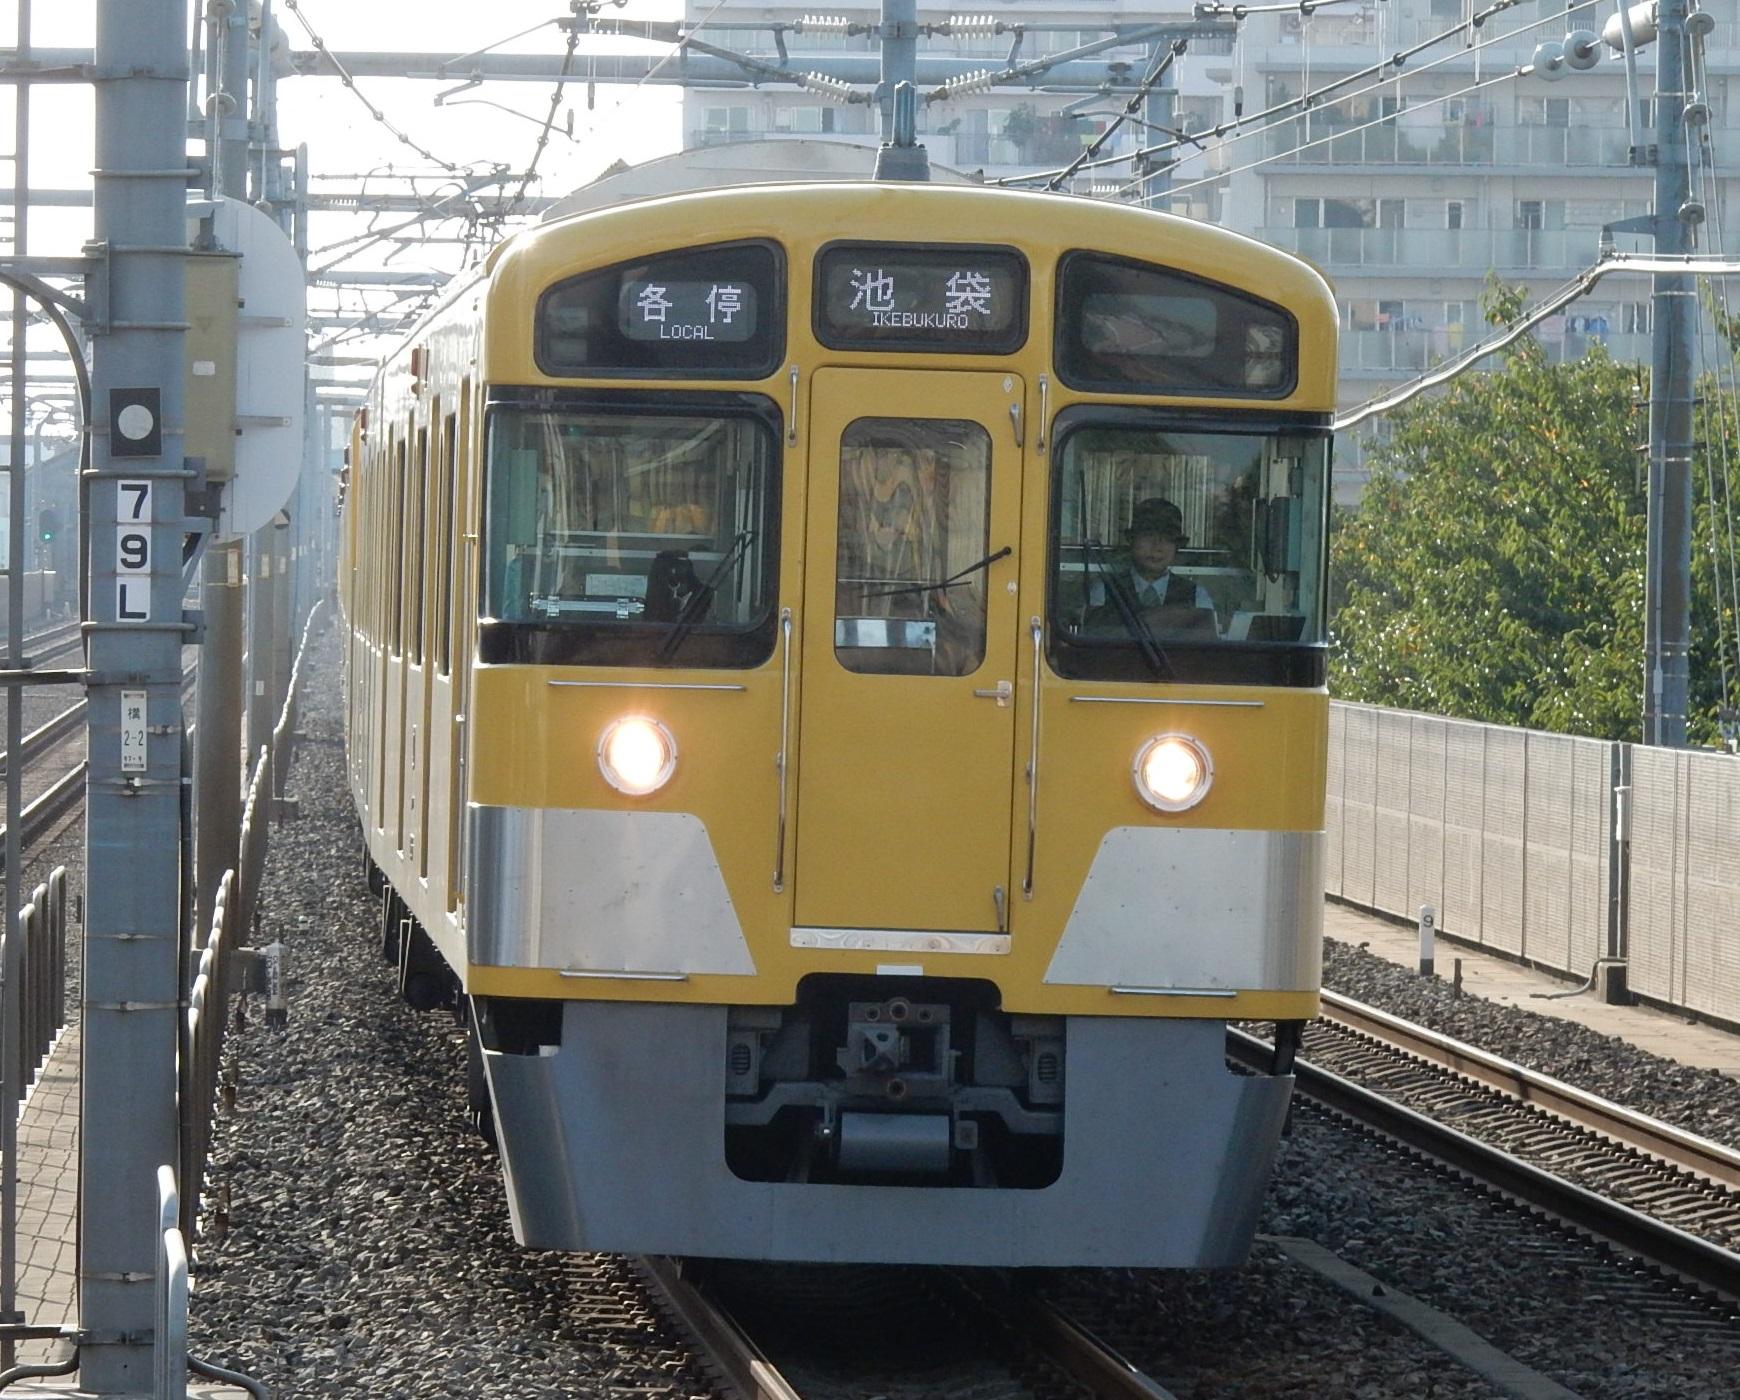 DSCN0013.jpg